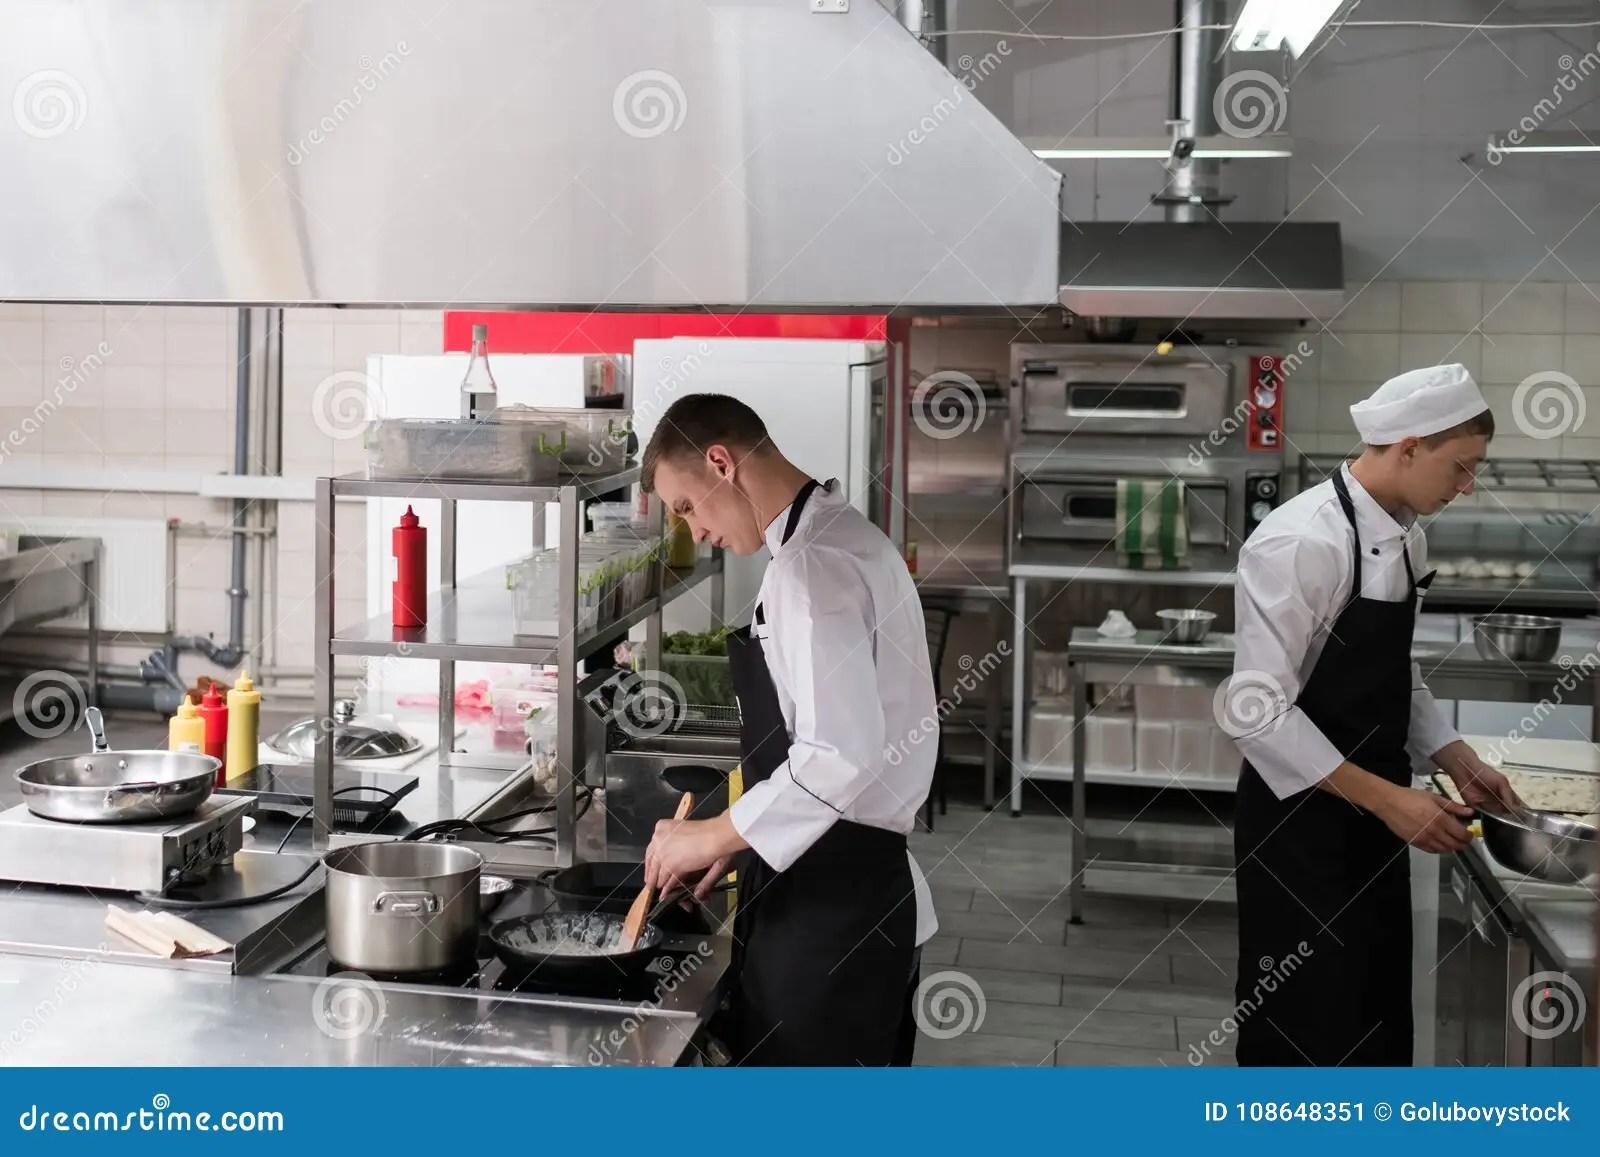 kitchen chief freestanding pantry 餐馆厨师生活方式工作厨房厨师库存图片 图片包括有厨房 烹调 商业 餐馆厨师生活方式工作厨房厨师